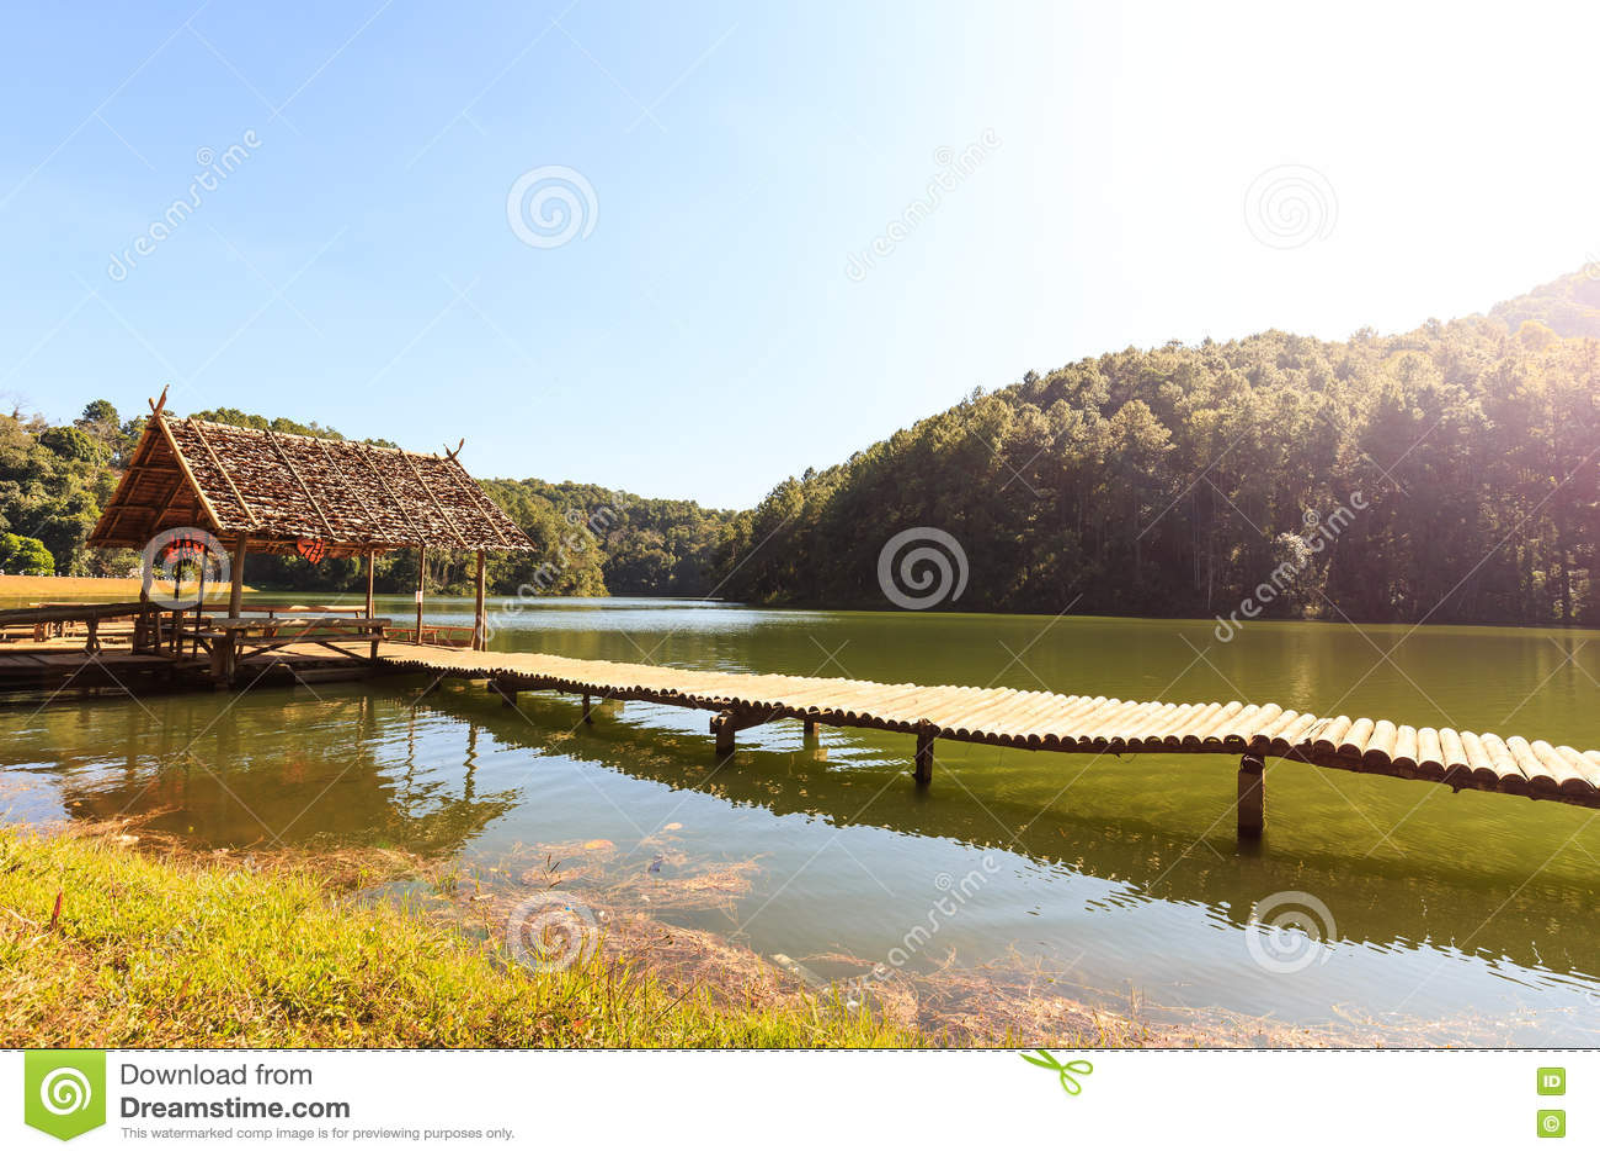 Pont et hutte en bambou dans le lac et le camping